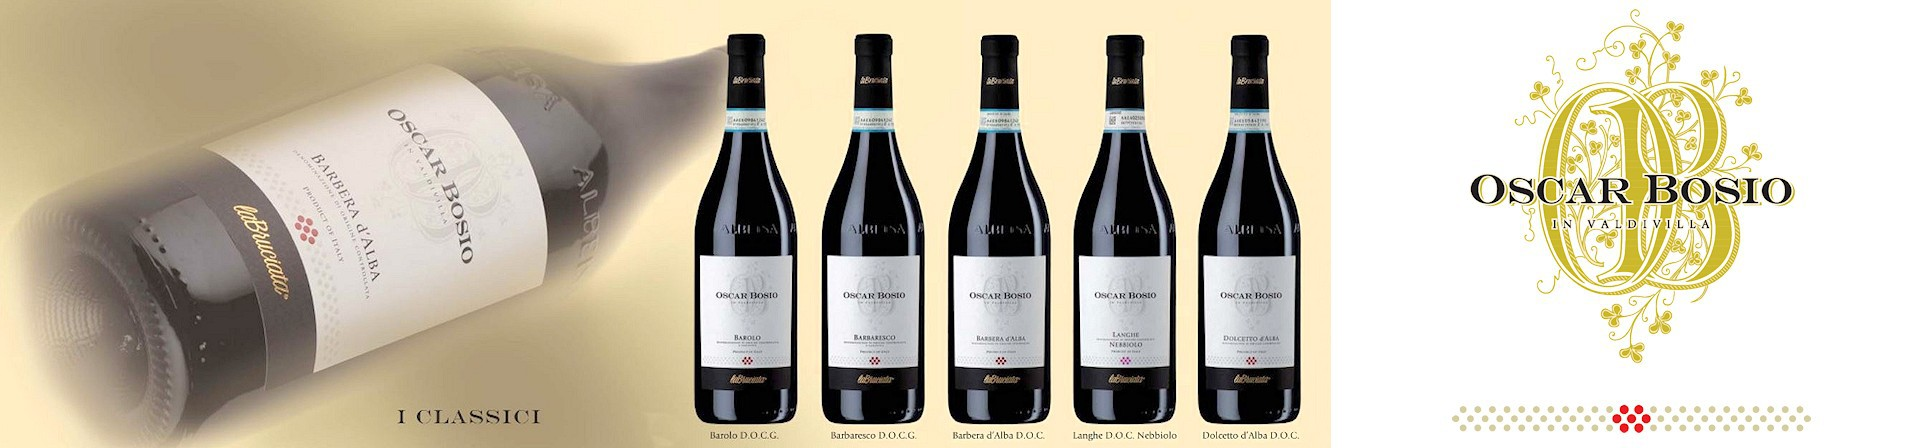 B2B GUSTOX - il Marketplace all'ingrosso delle eccellenze agroalimetari italiane - Vini OSCAR BOSIO